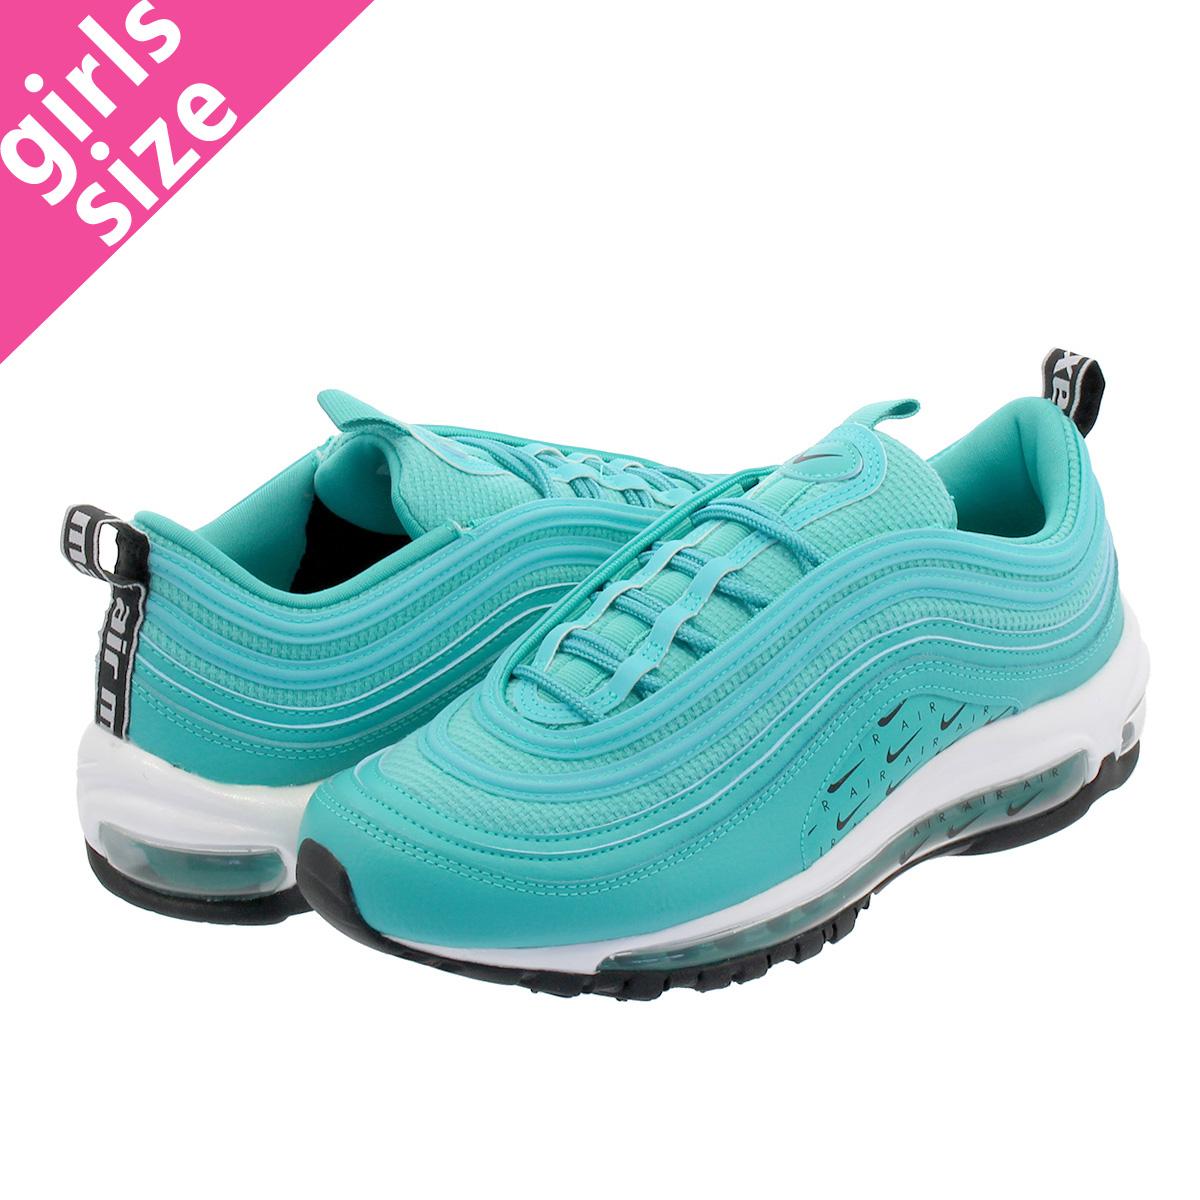 6a302e56811dce SELECT SHOP LOWTEX  NIKE WMNS AIR MAX 97 LX Nike women Air Max 97 LX HYPER  JADE HYPER JADE BLACK WHITE ar7621-300